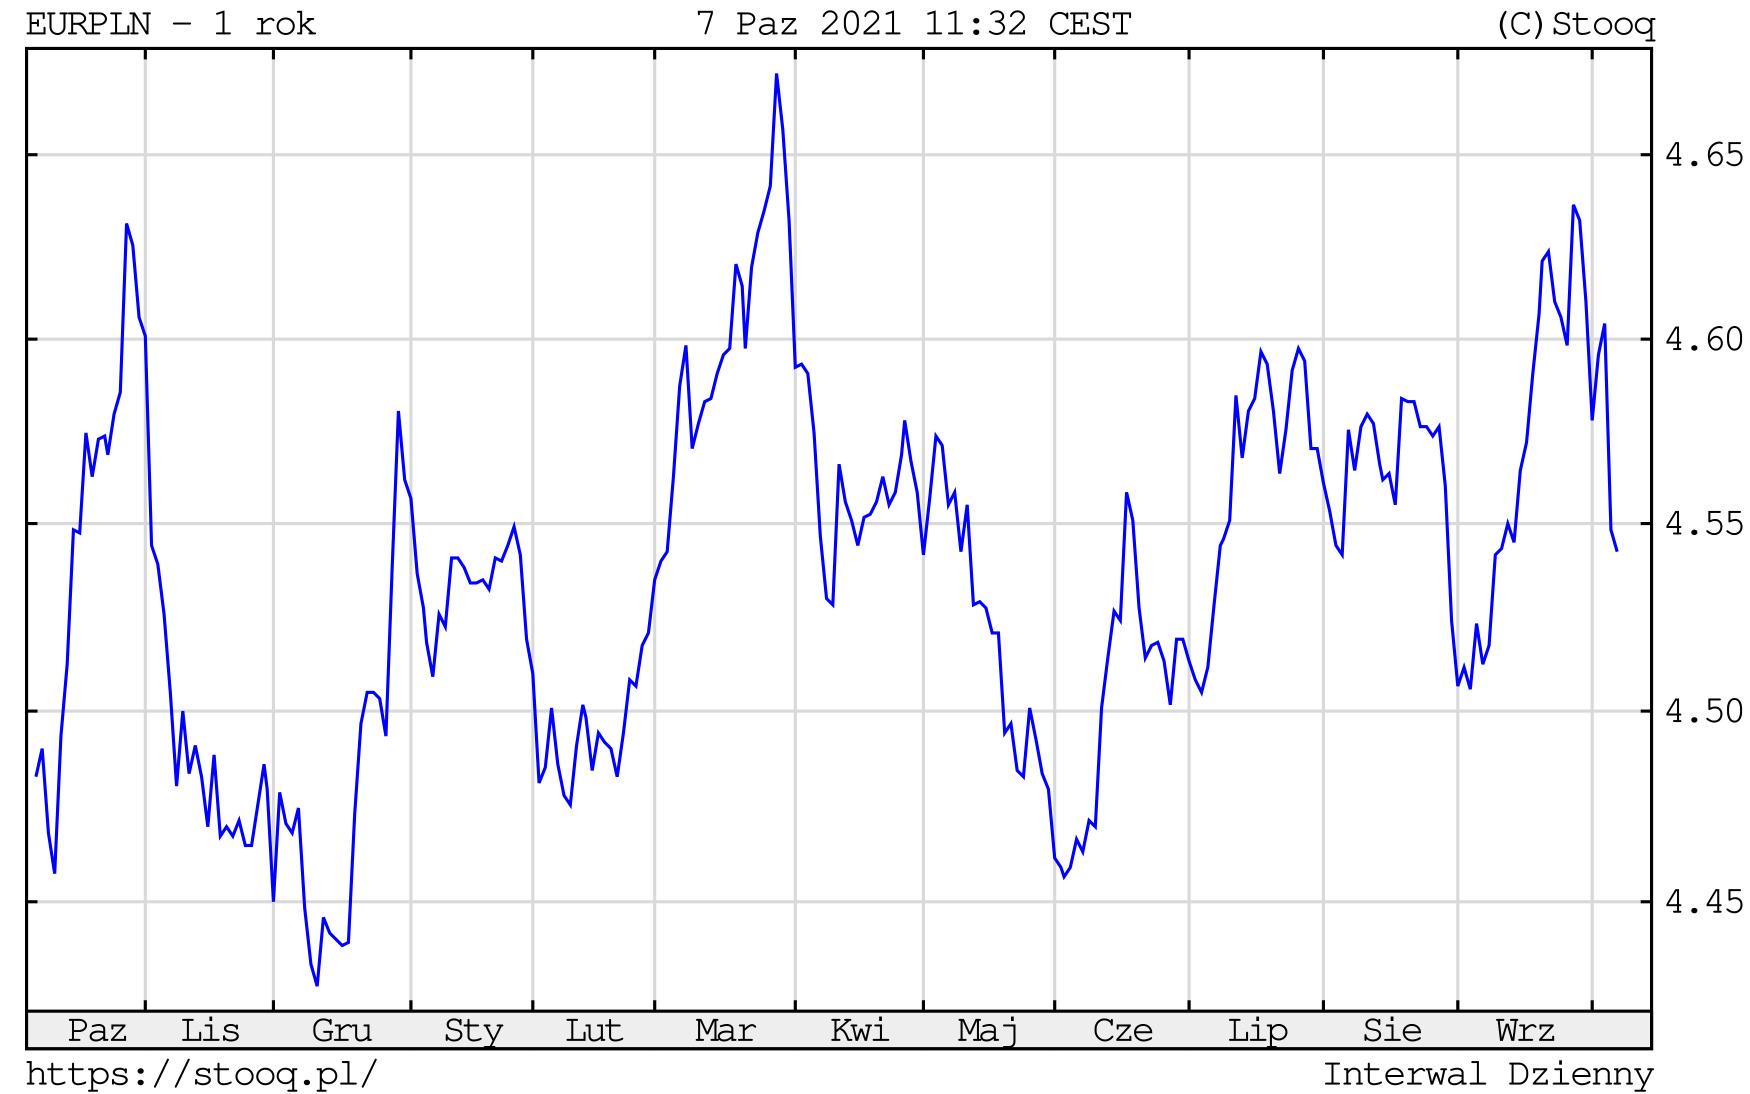 Kurs euro w czwartek, 7 października 2021 roku. Notowania EURPLN na wykresie dziennym